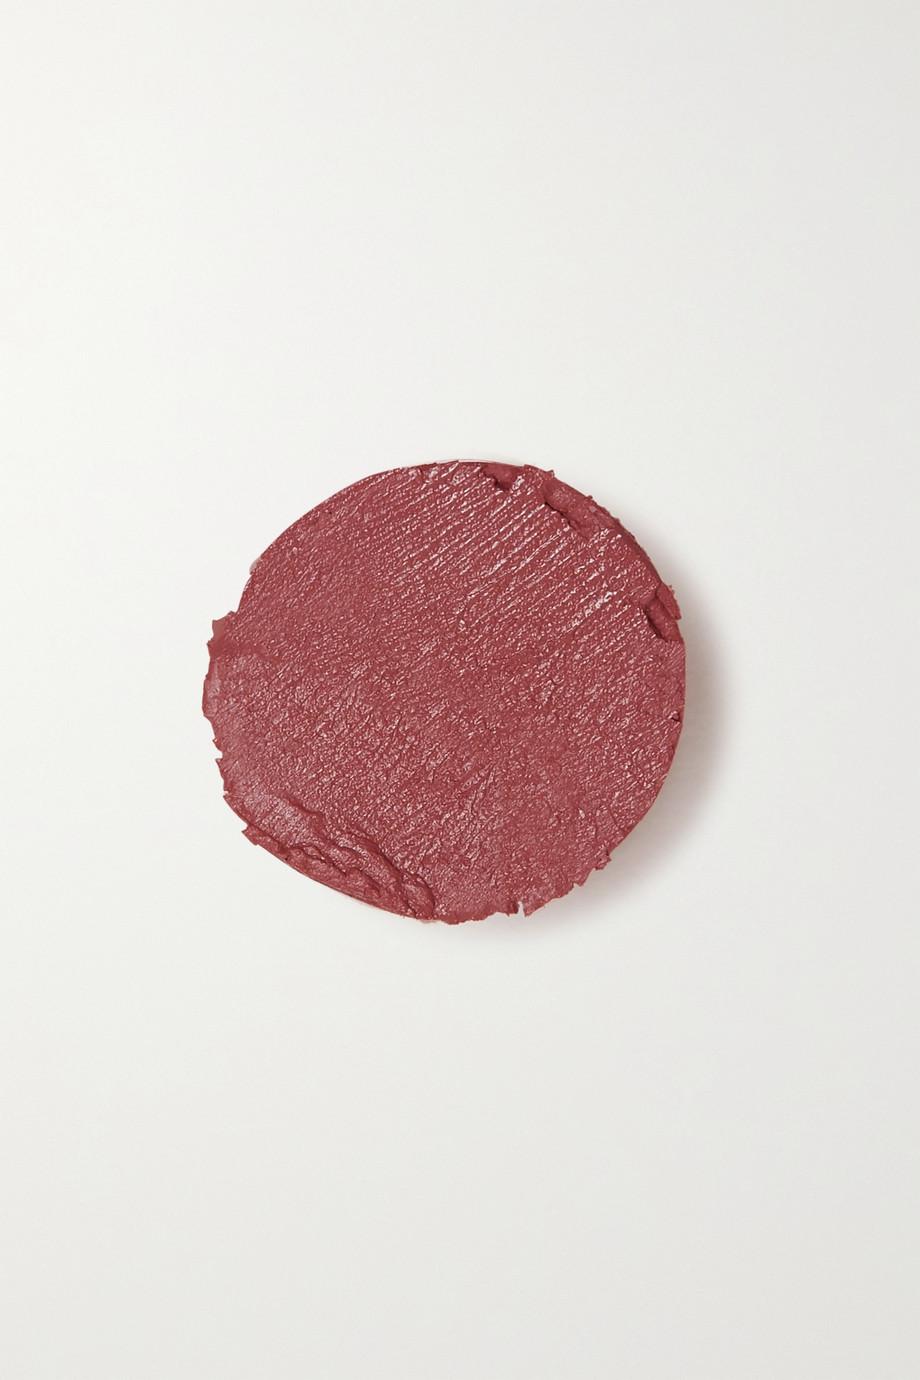 Ilia Color Block Lipstick - Wild Rose